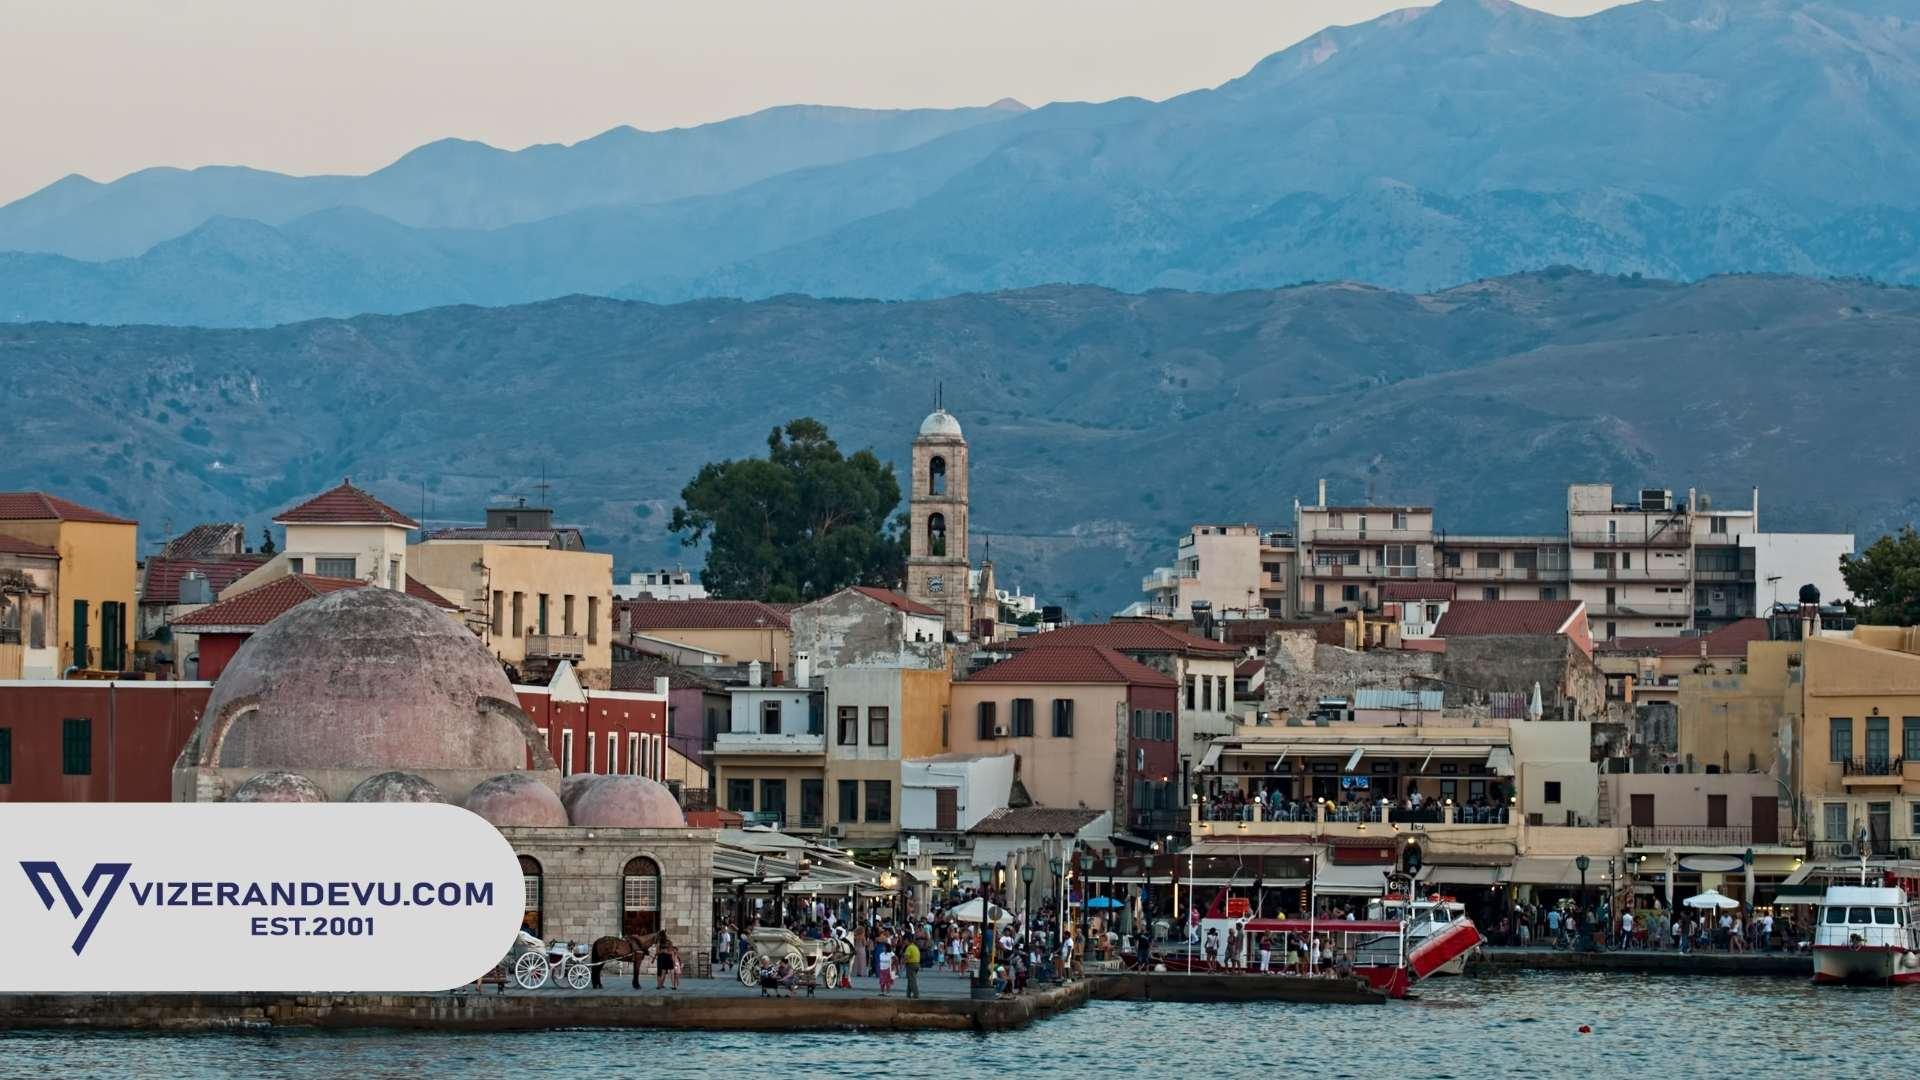 Yunanistan' Davetiye Yolu İle Gitmek